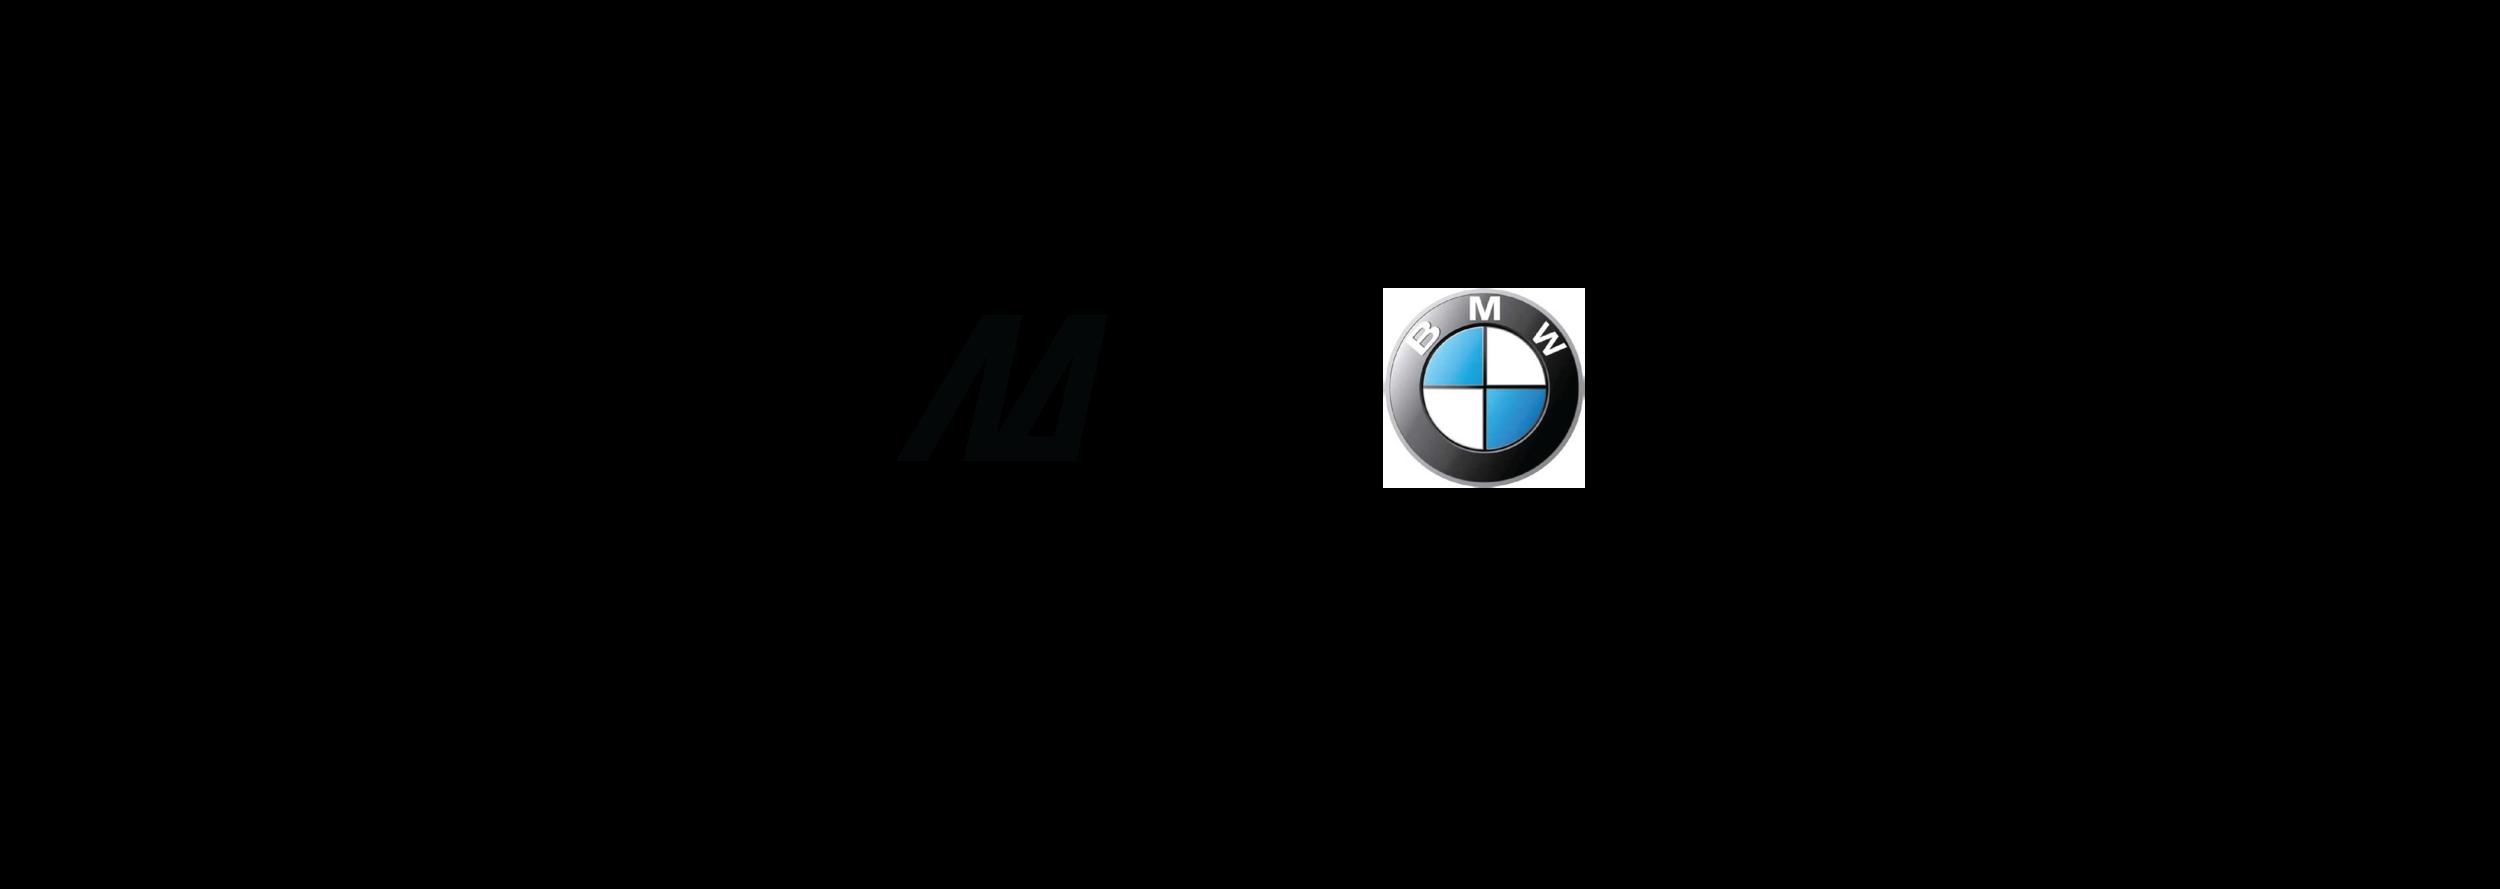 MotivNY_Logos-01.png